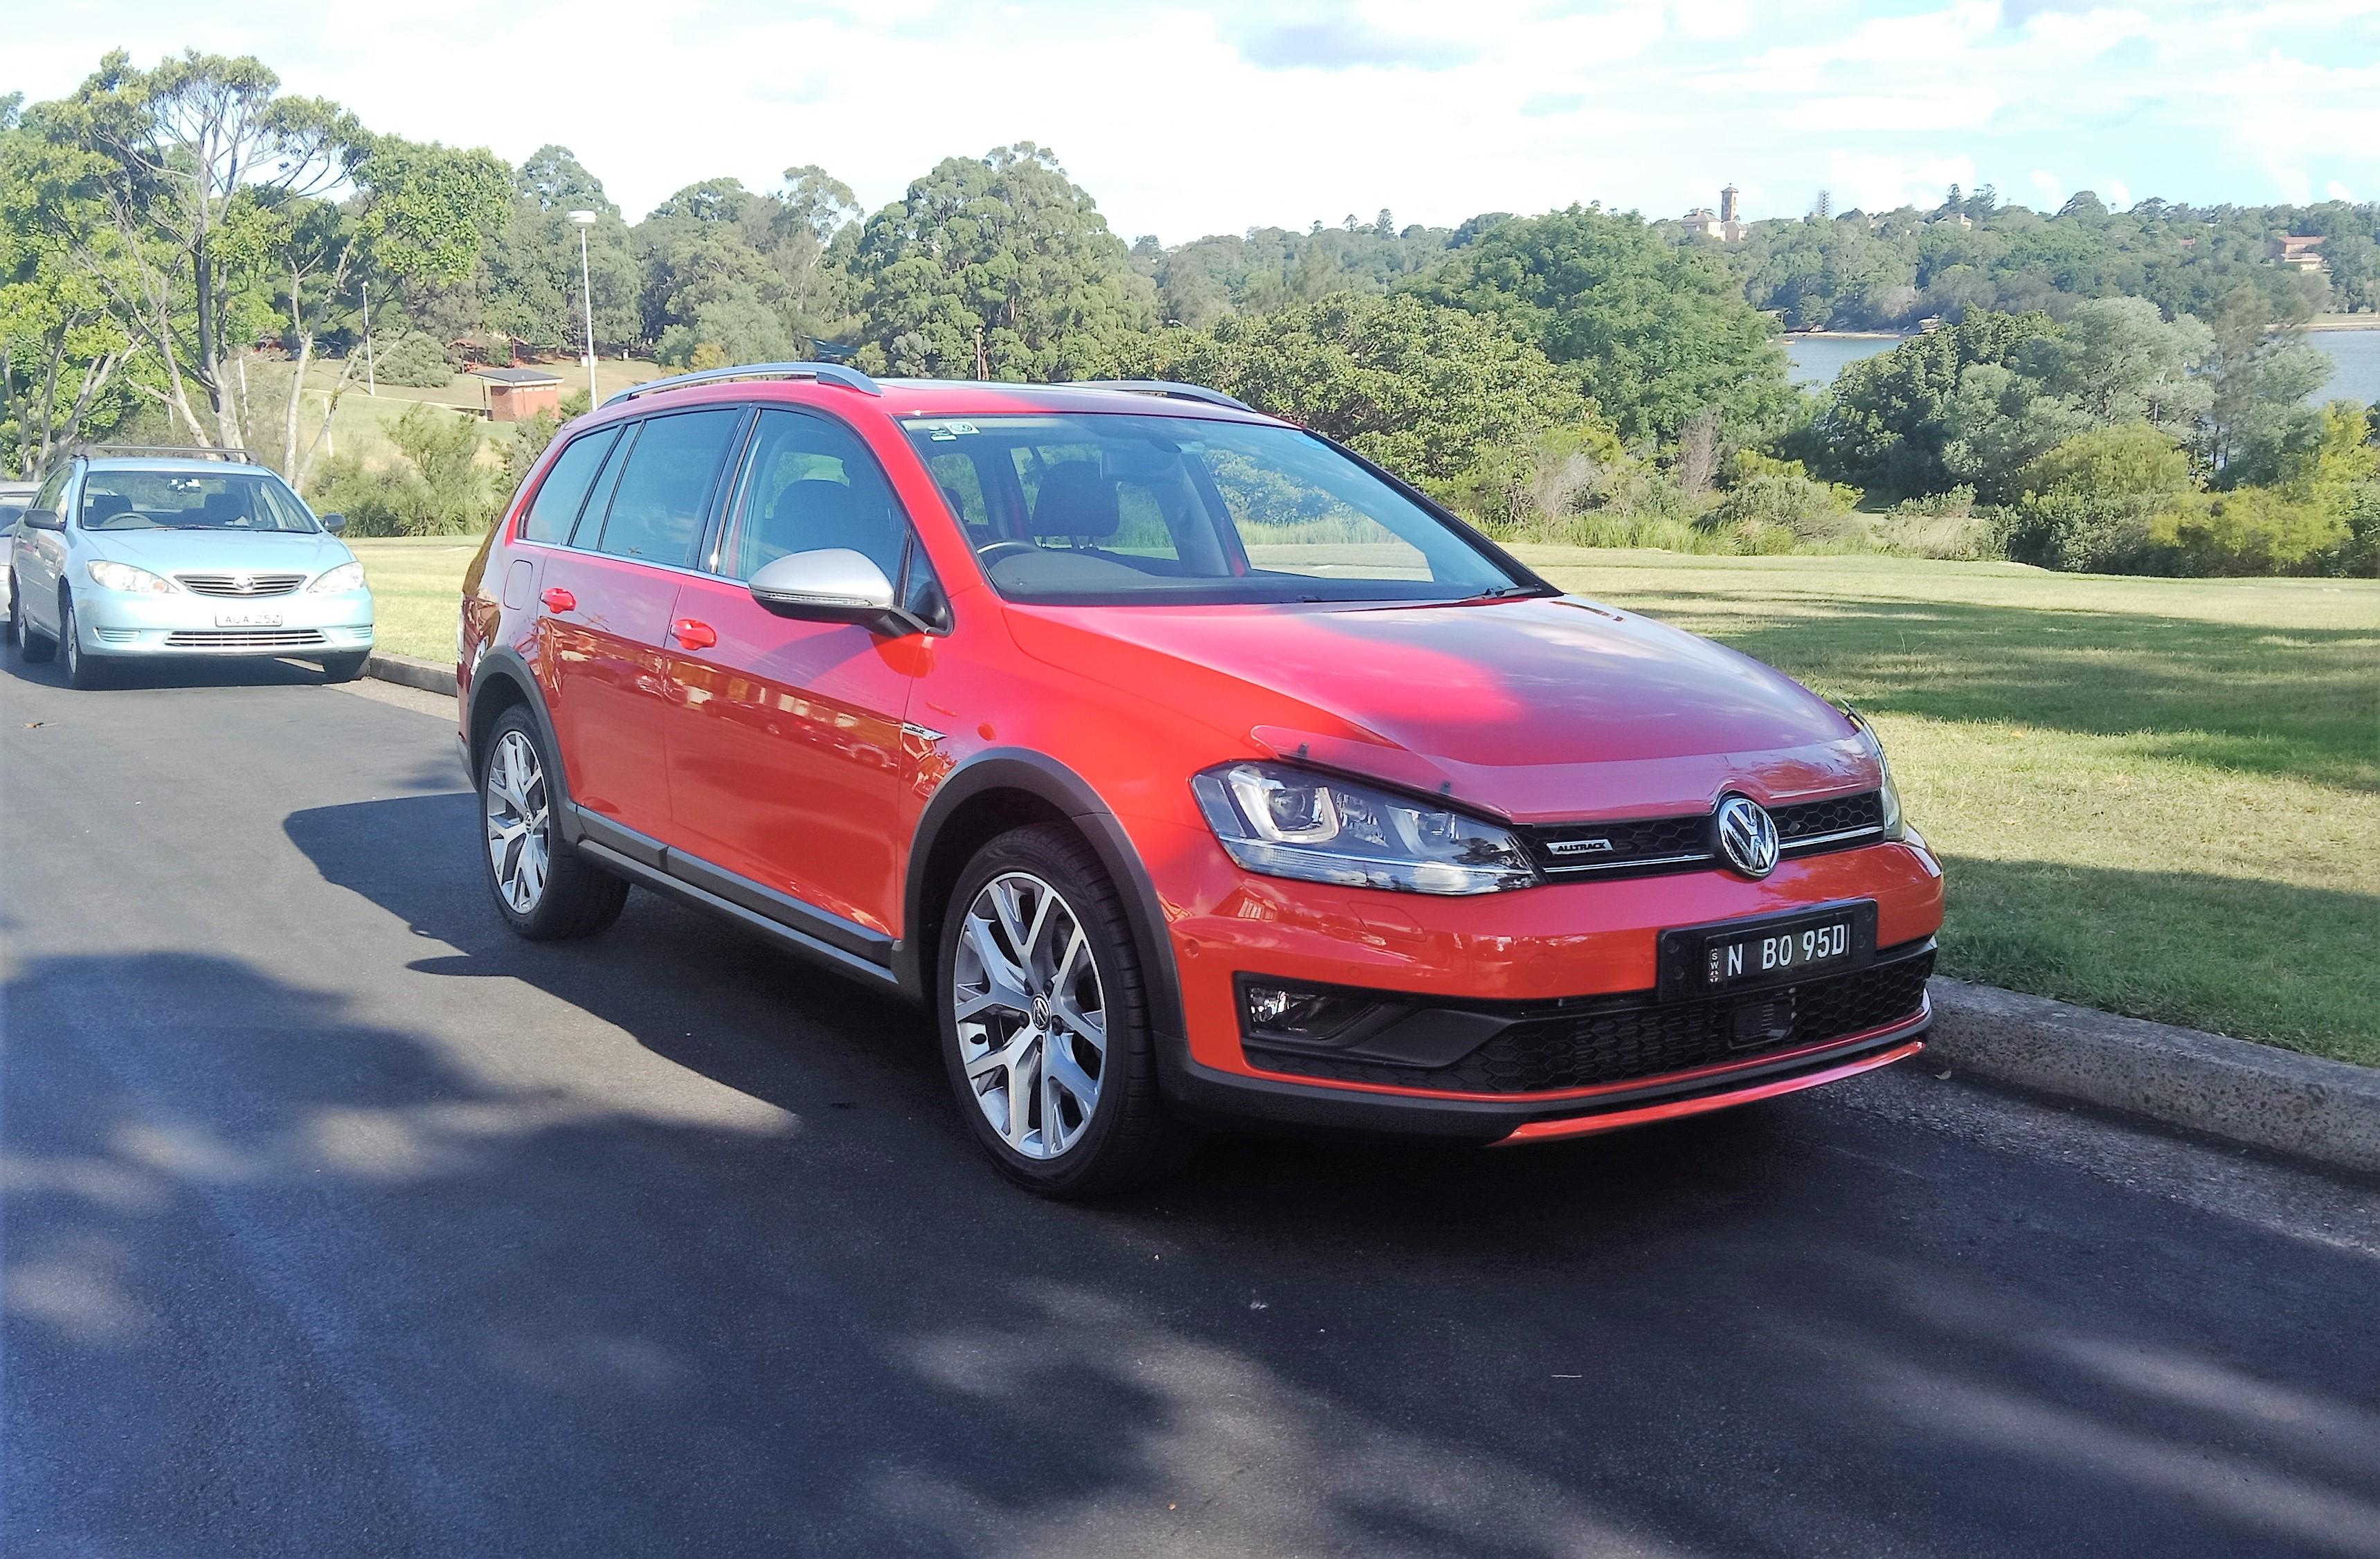 Picture of Lukasz's 2016 Volkswagen Alltrack